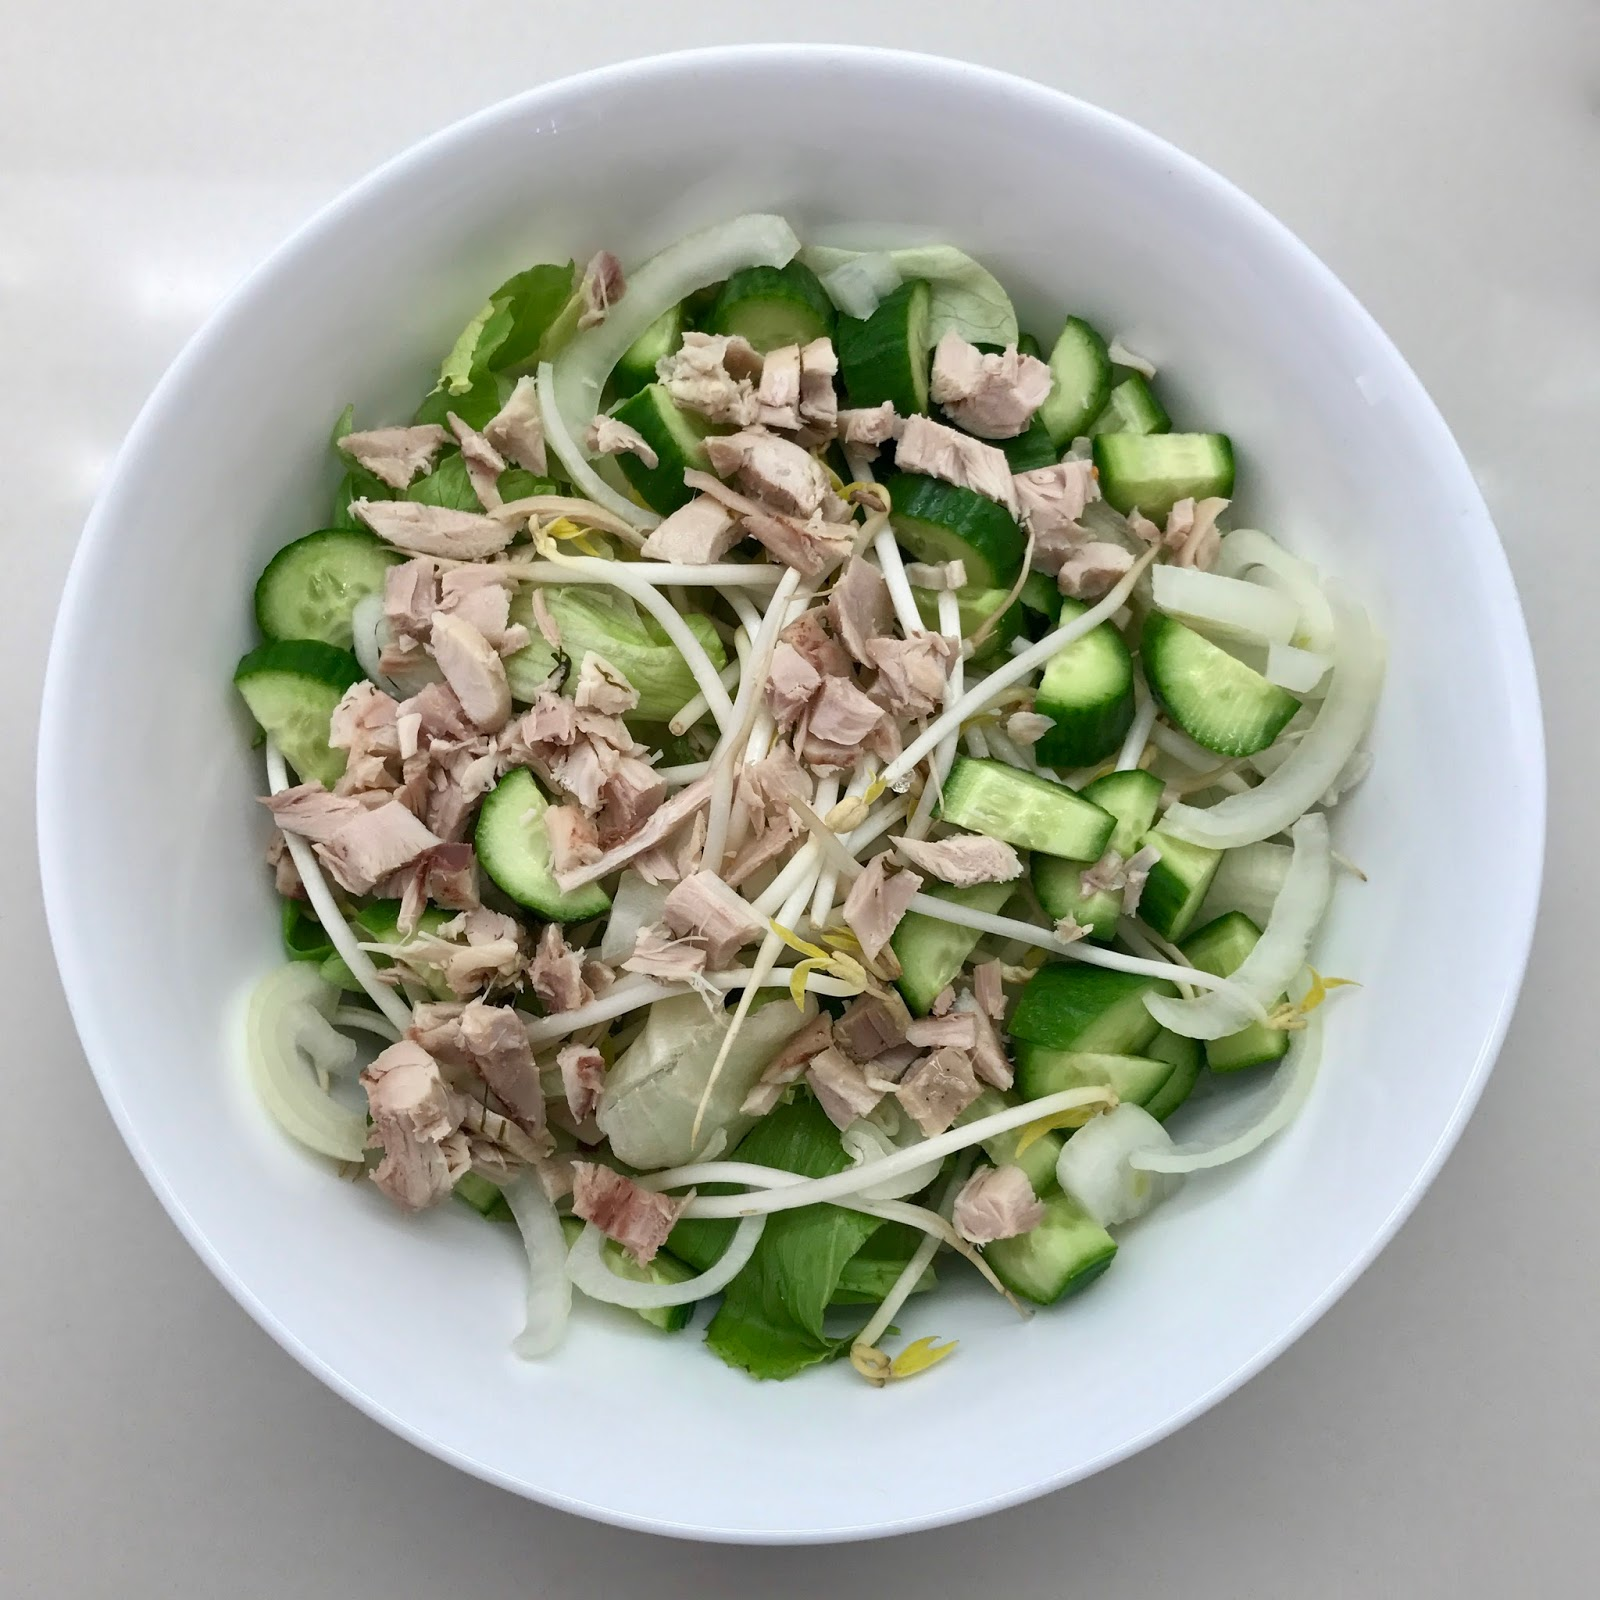 סלט ירוק עם עוף